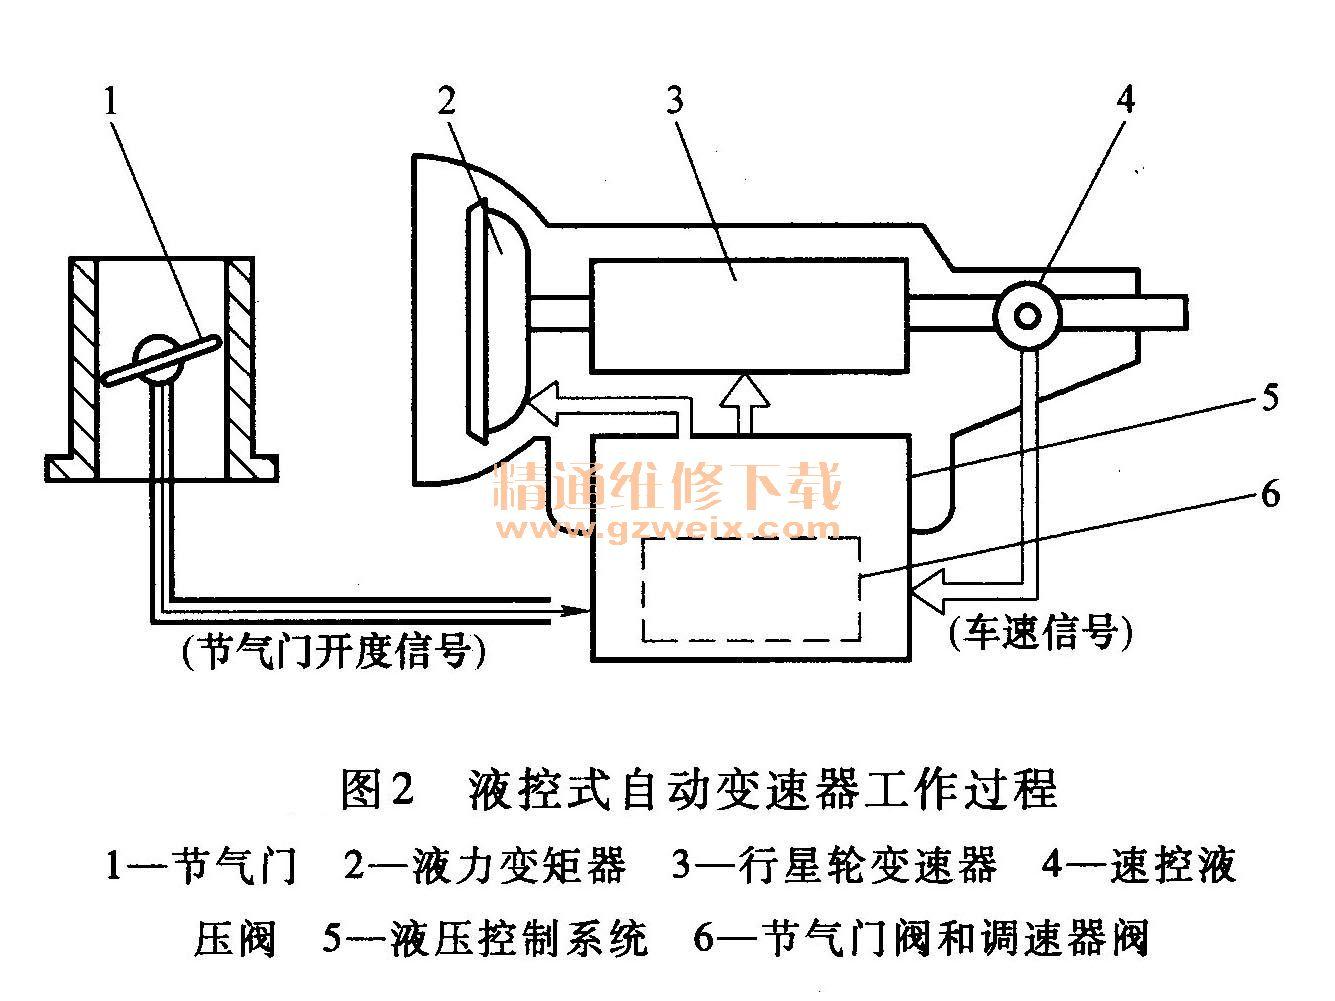 节气门位置传感器和车速传感器把节气门开度和车速等参数转变高清图片